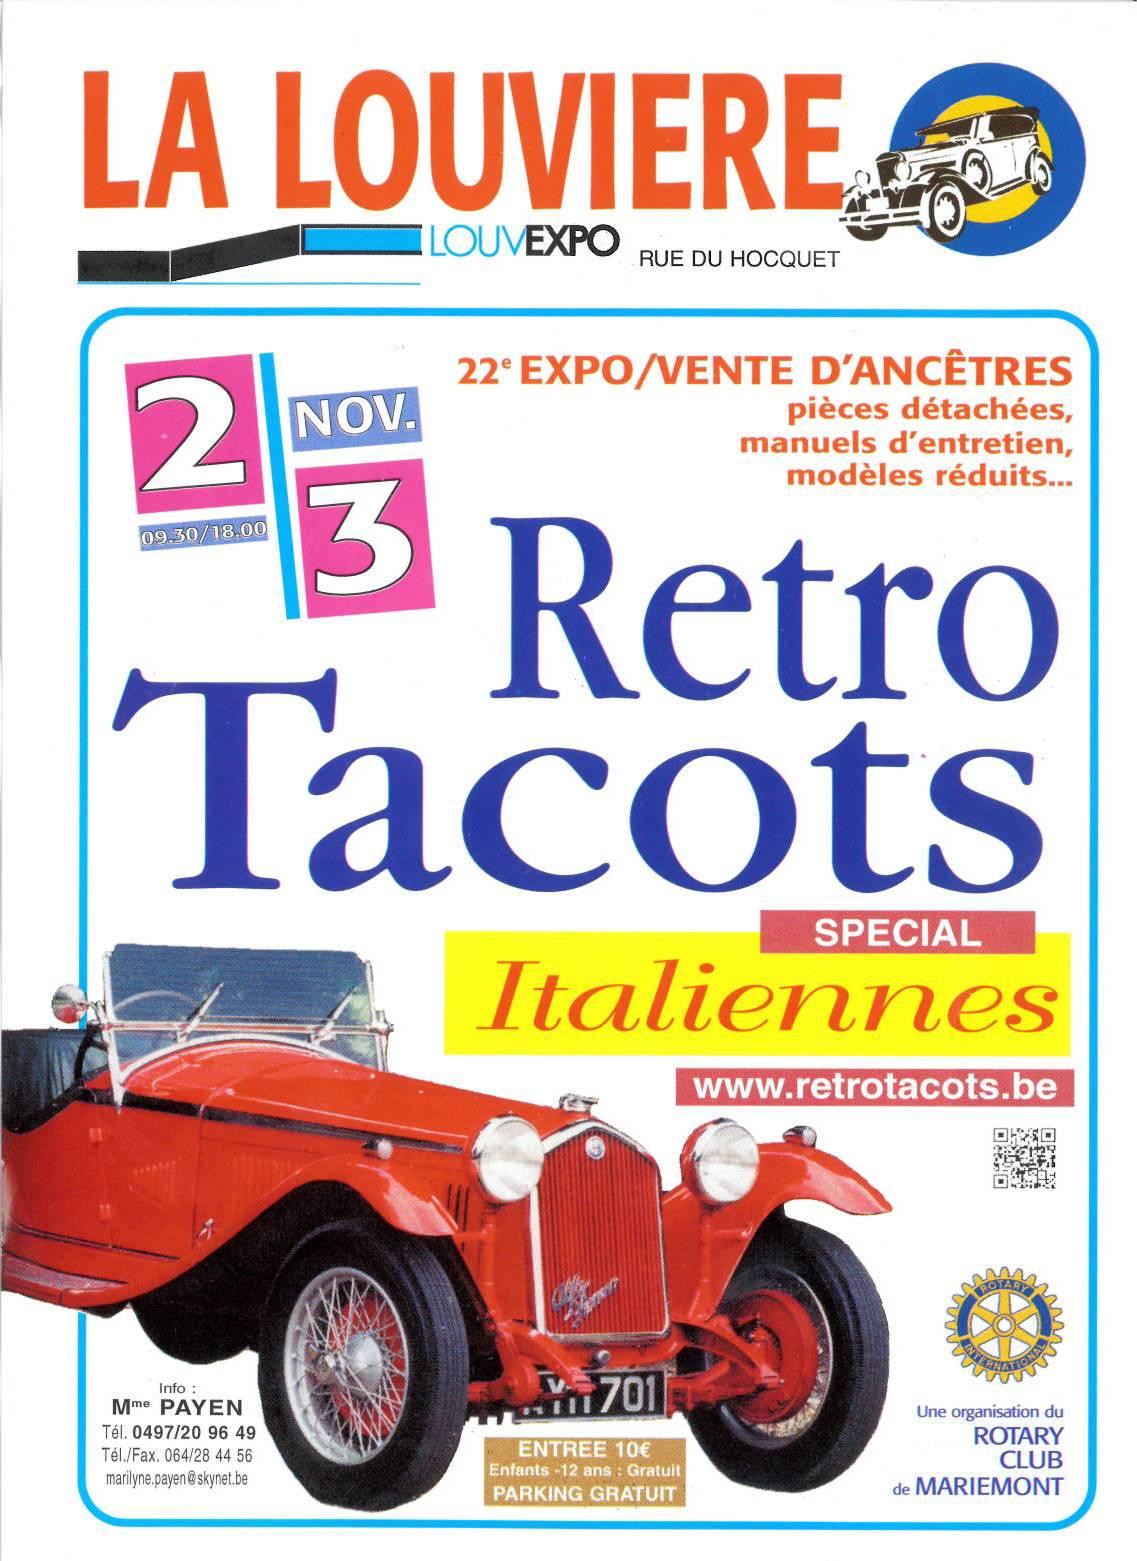 Retro Tacots